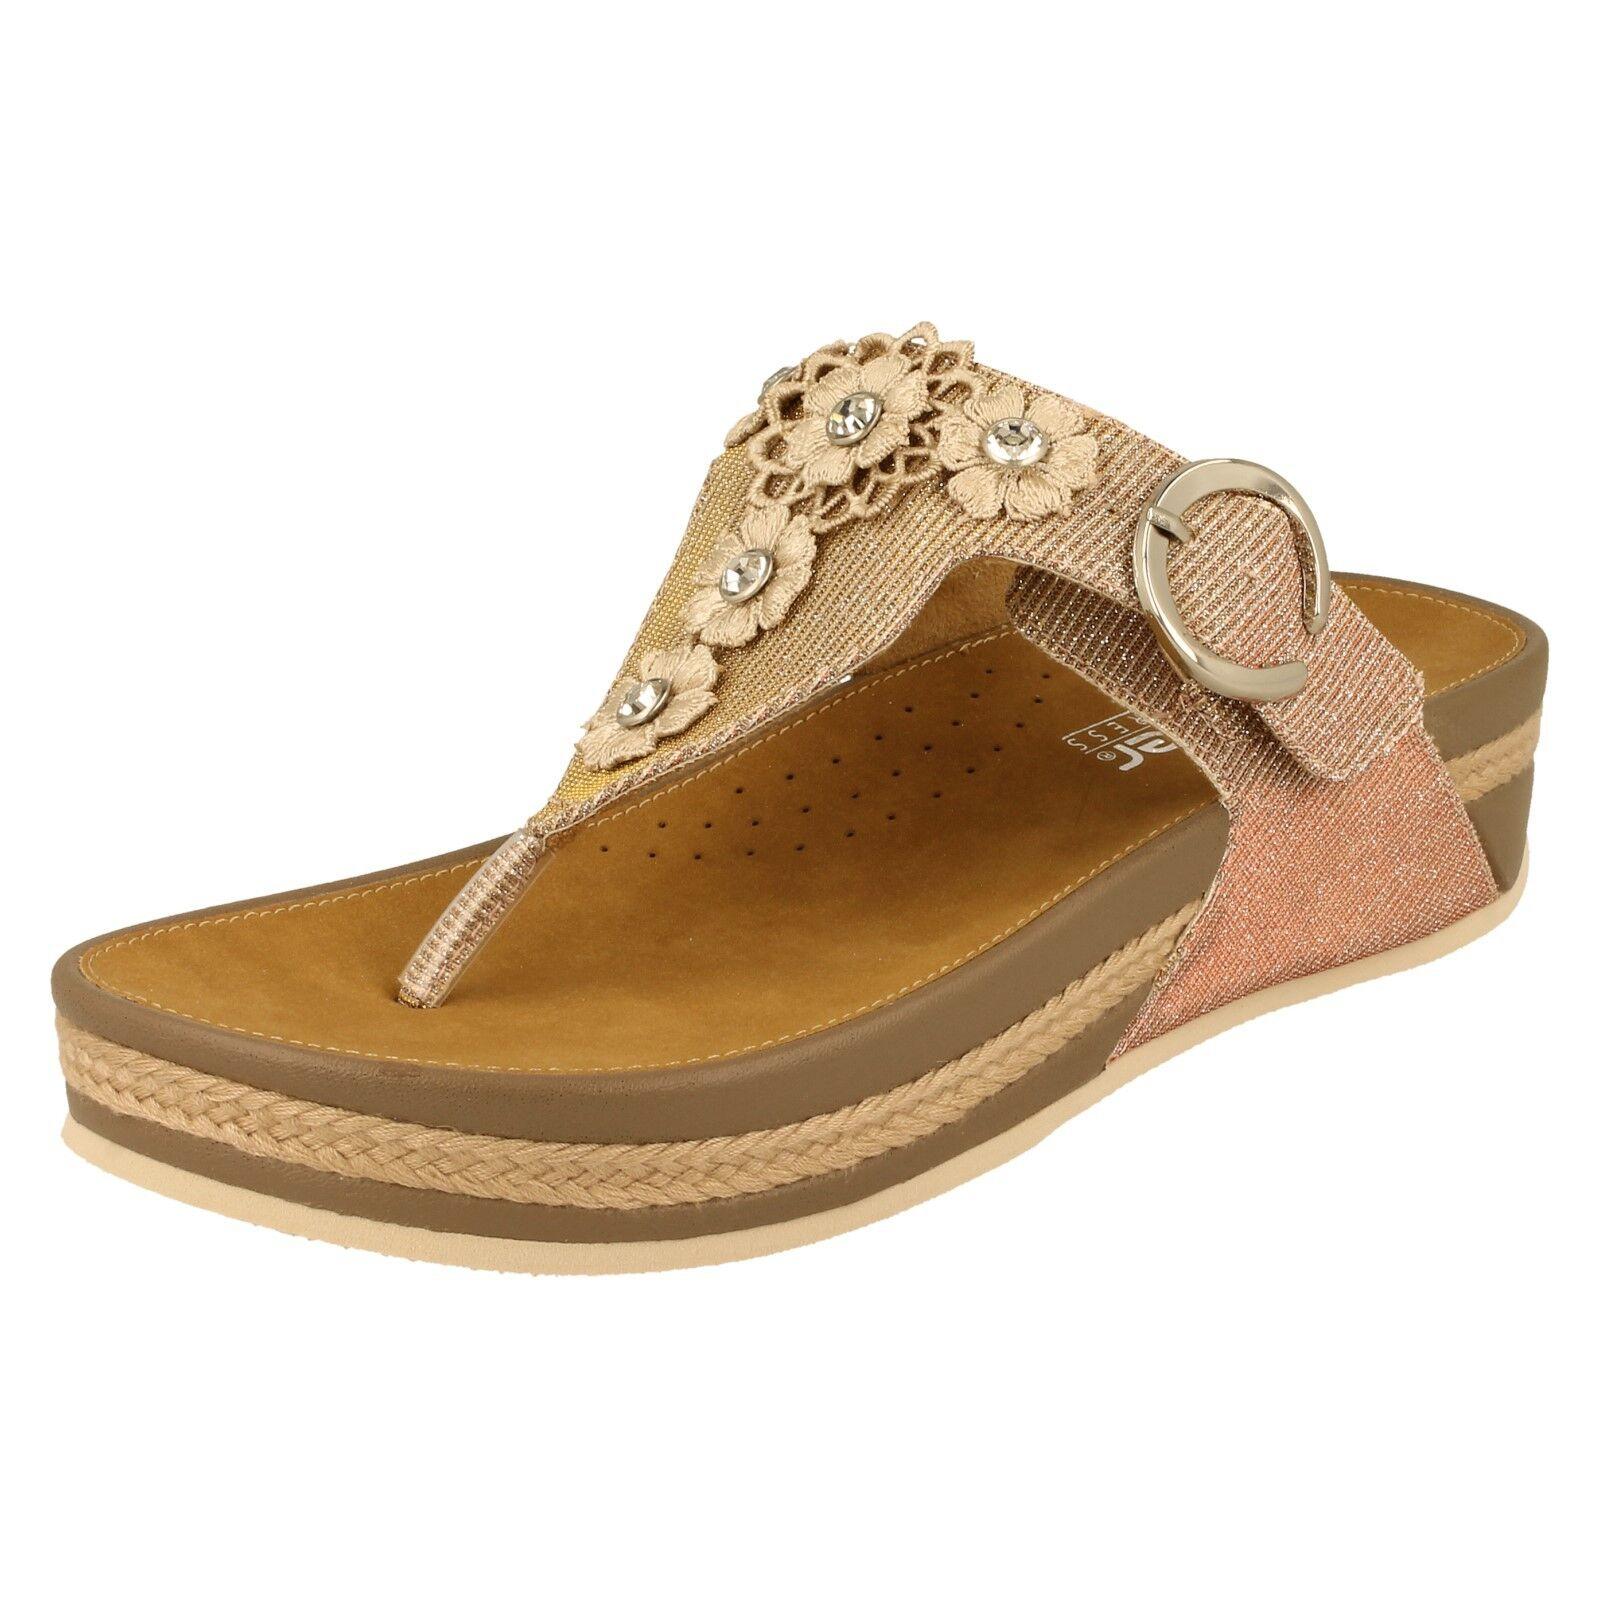 Femmes rieker toe post sandals-V1451